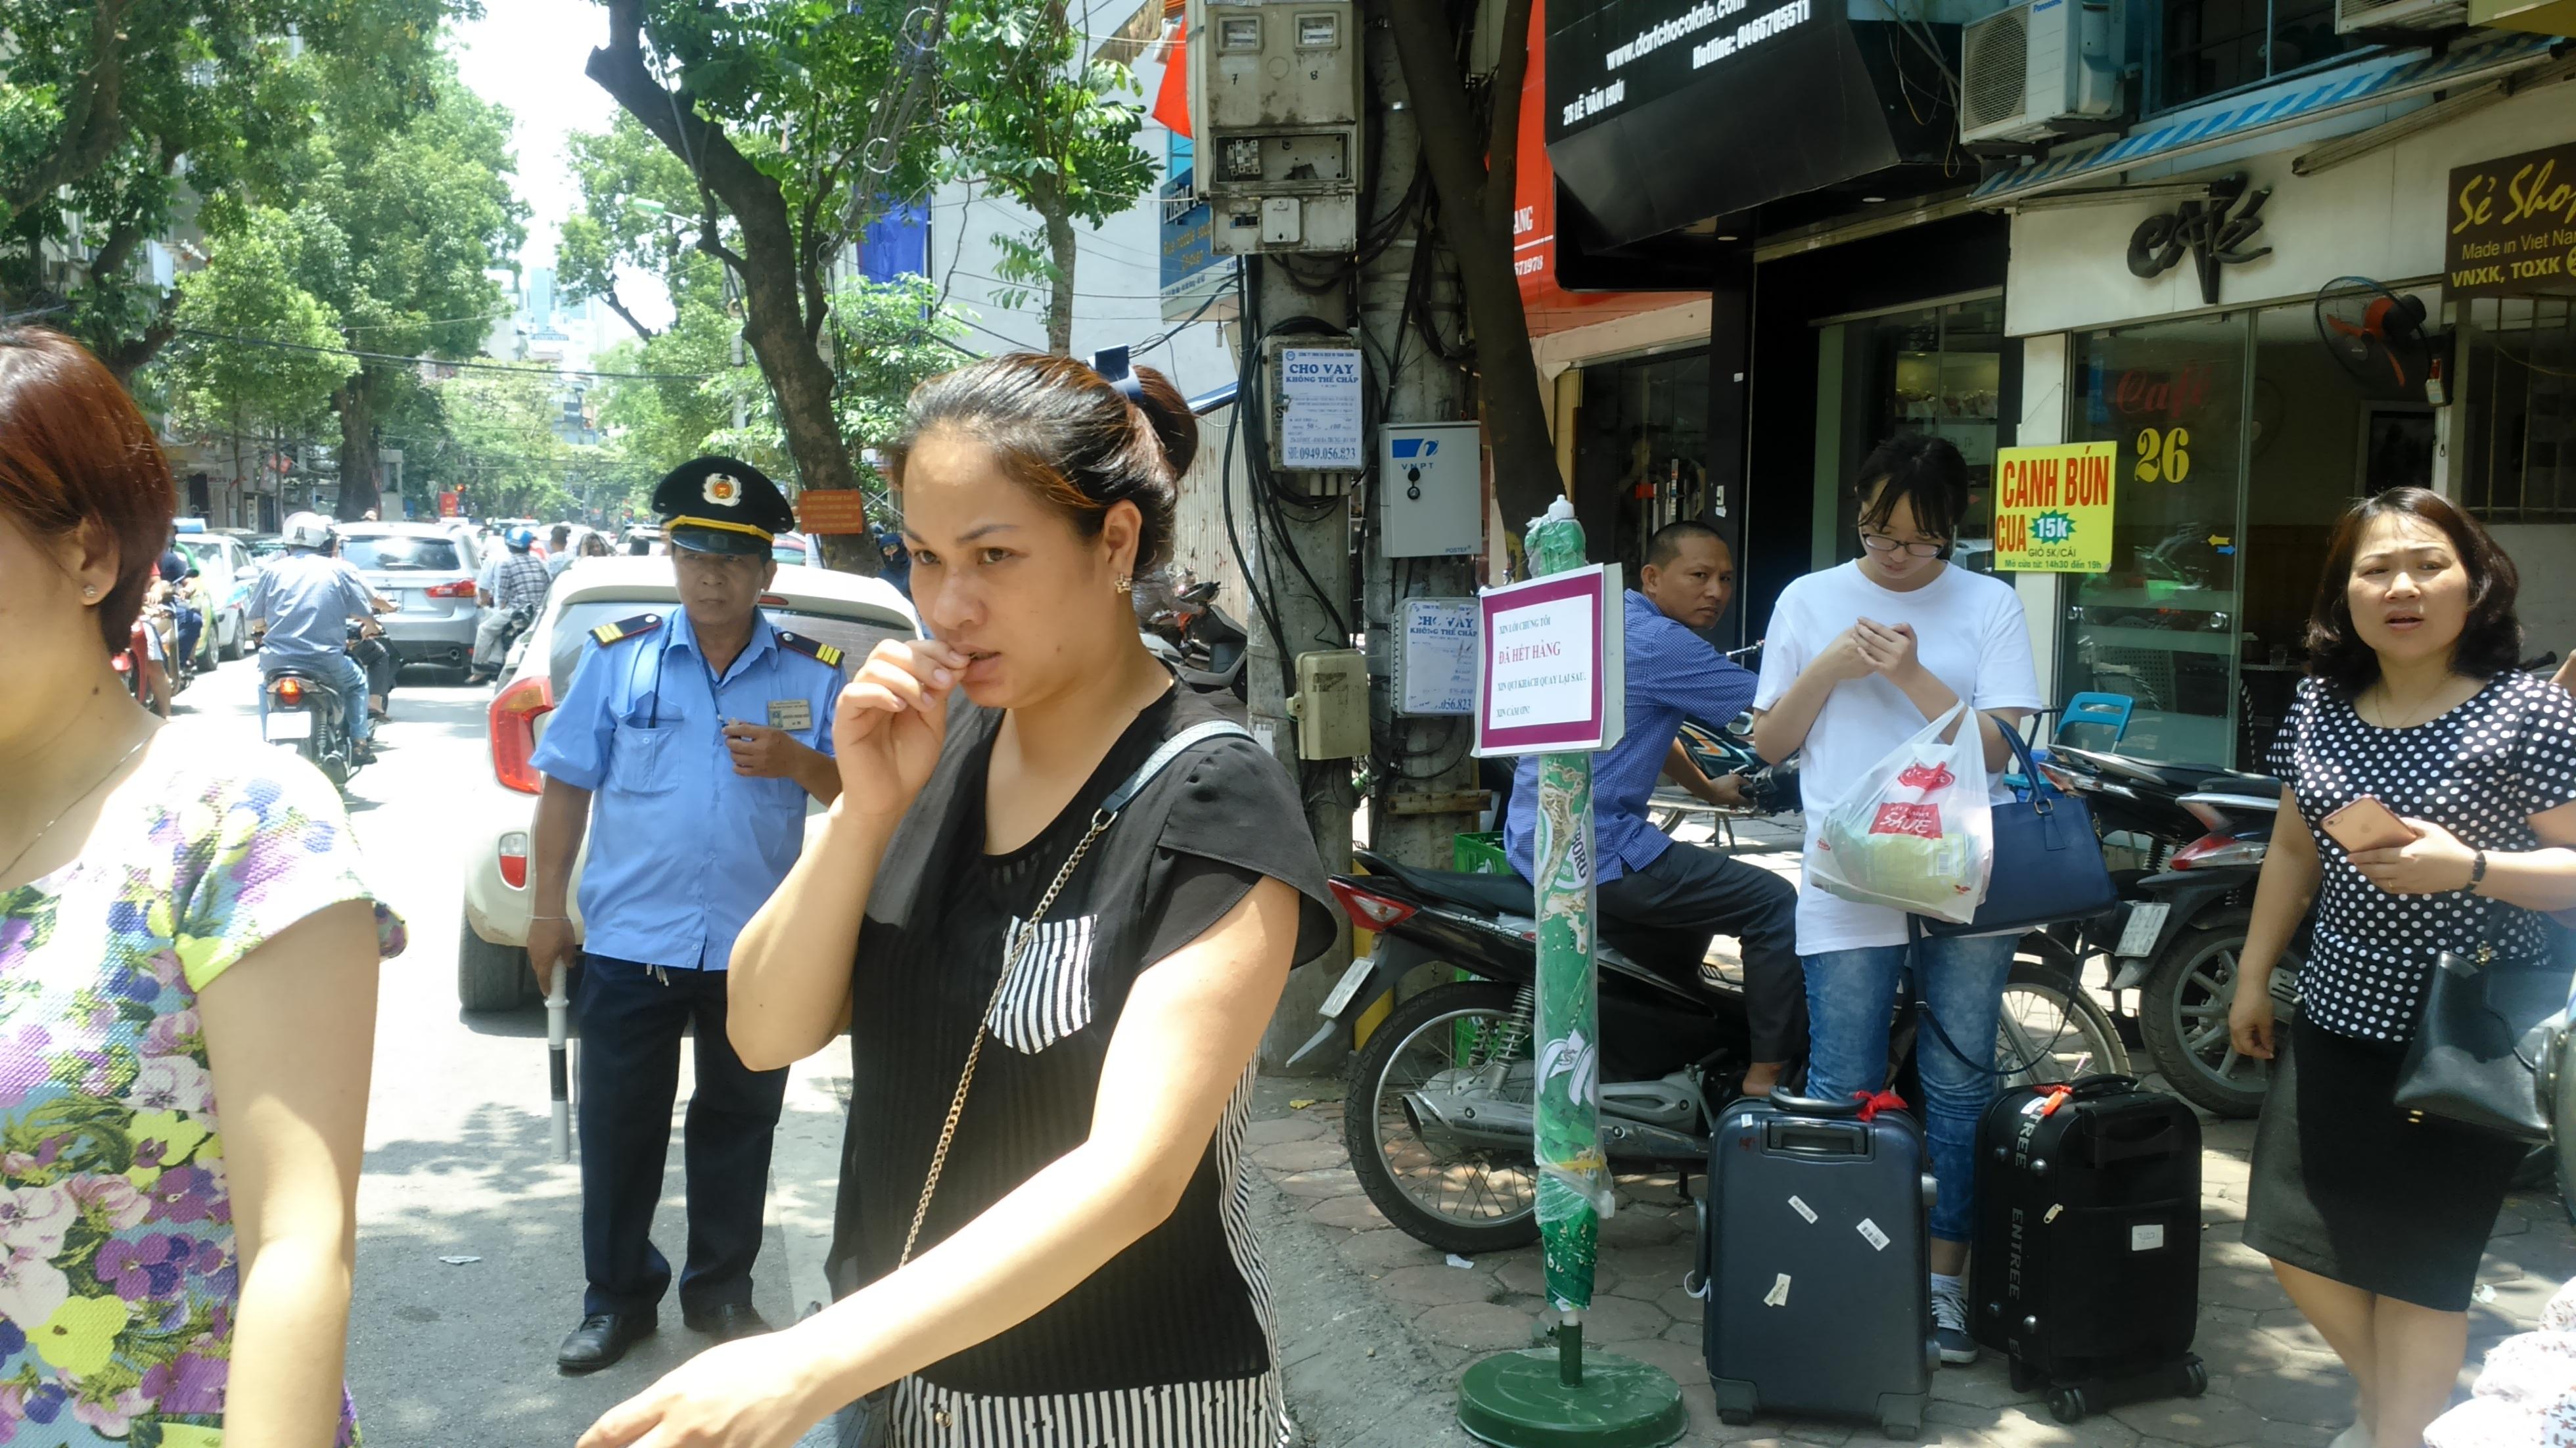 Người ra về có vẻ không hài lòng, còn cô sinh viên Hàn Quốc đang vất vả gọi taxi để về khách sạn ăn trưa sau chuyến ăn hụt bún chả tại quán ăn mà vị Tổng thống Mỹ đã từng ăn.